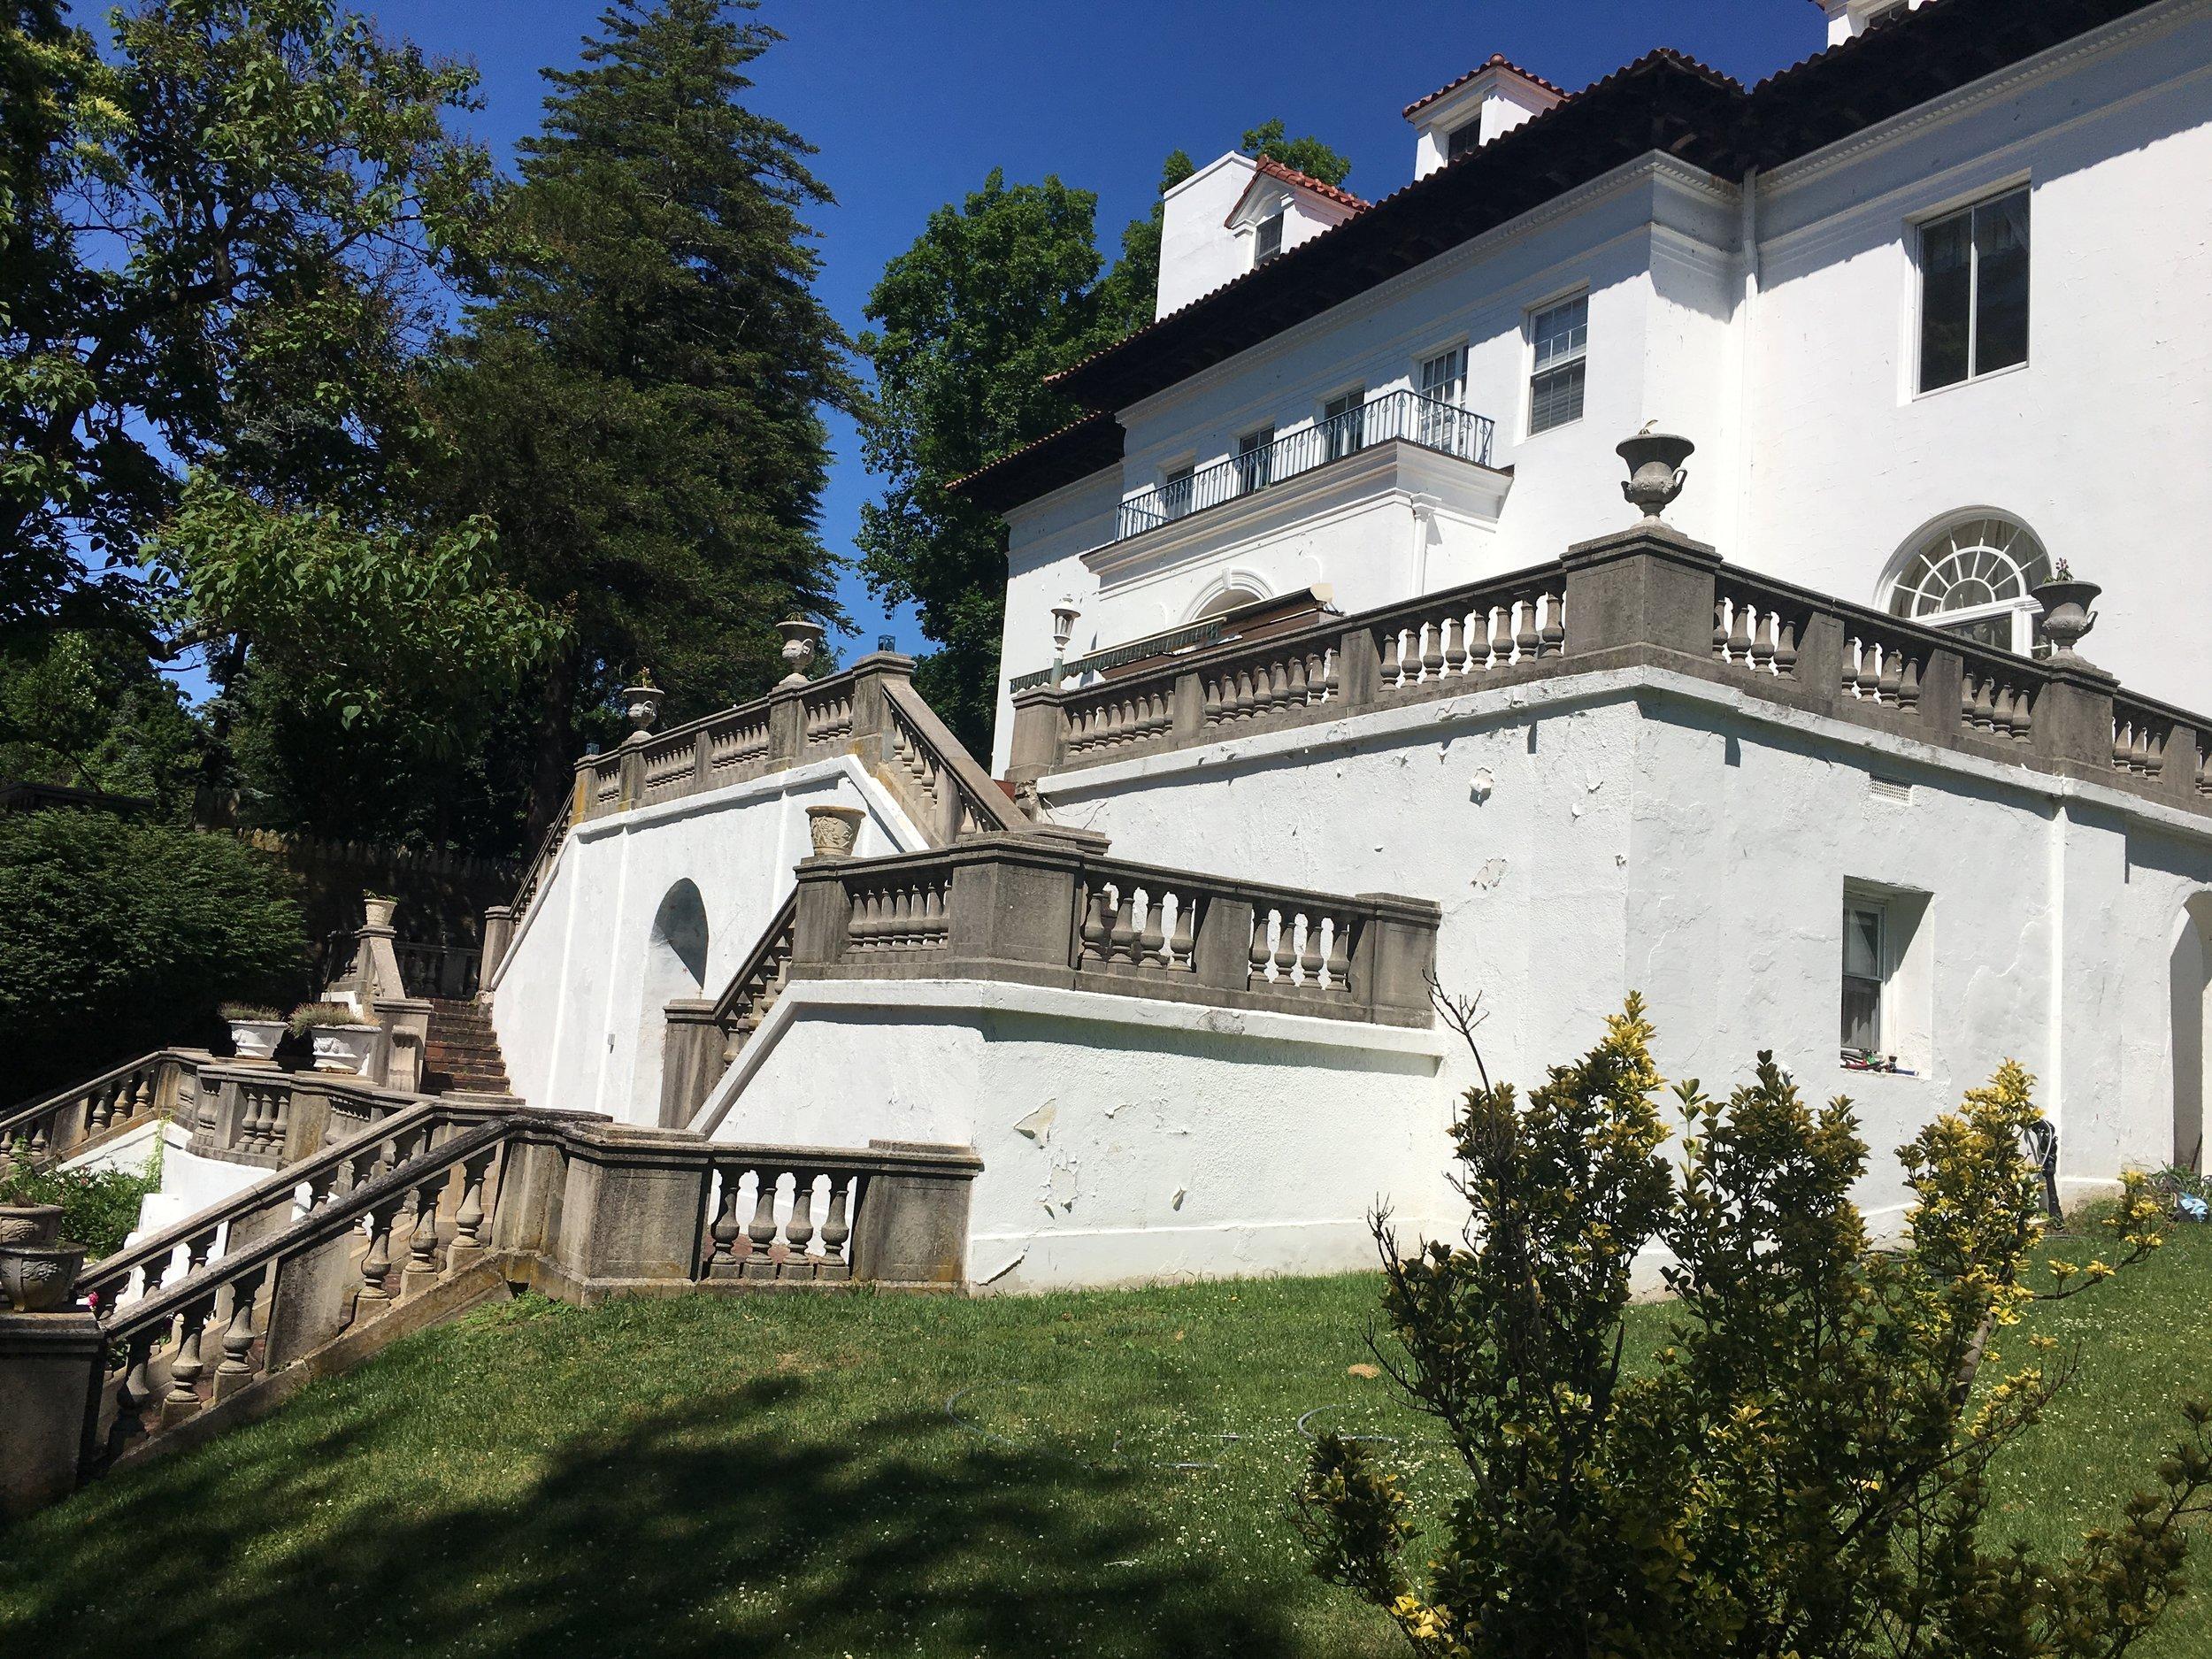 Villa Lewaro Rear Terrace - Photo by Tevra F.